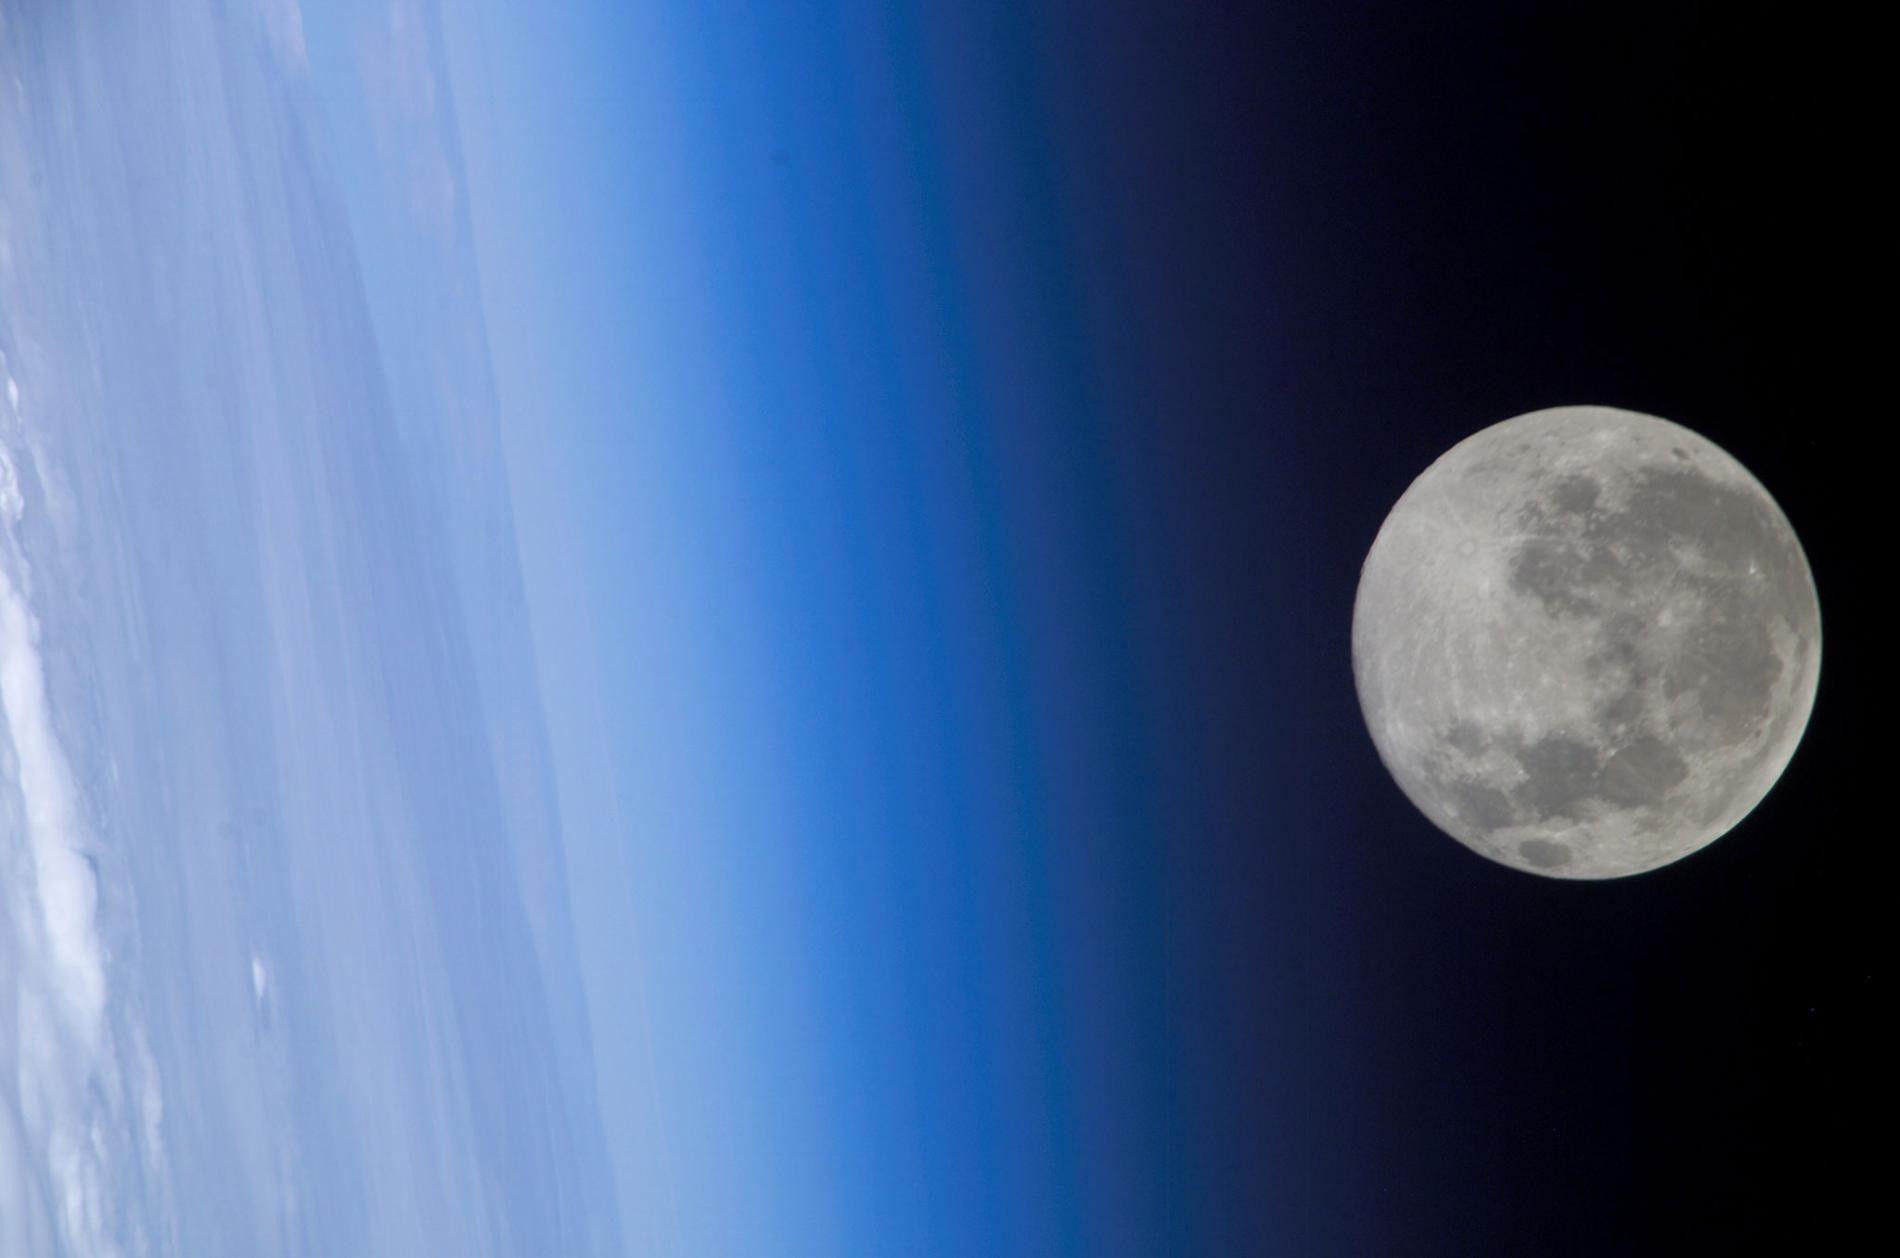 Vue depuis la Station spatiale internationale, la pleine lune semble effleurer l'atmosphère de la Terre.